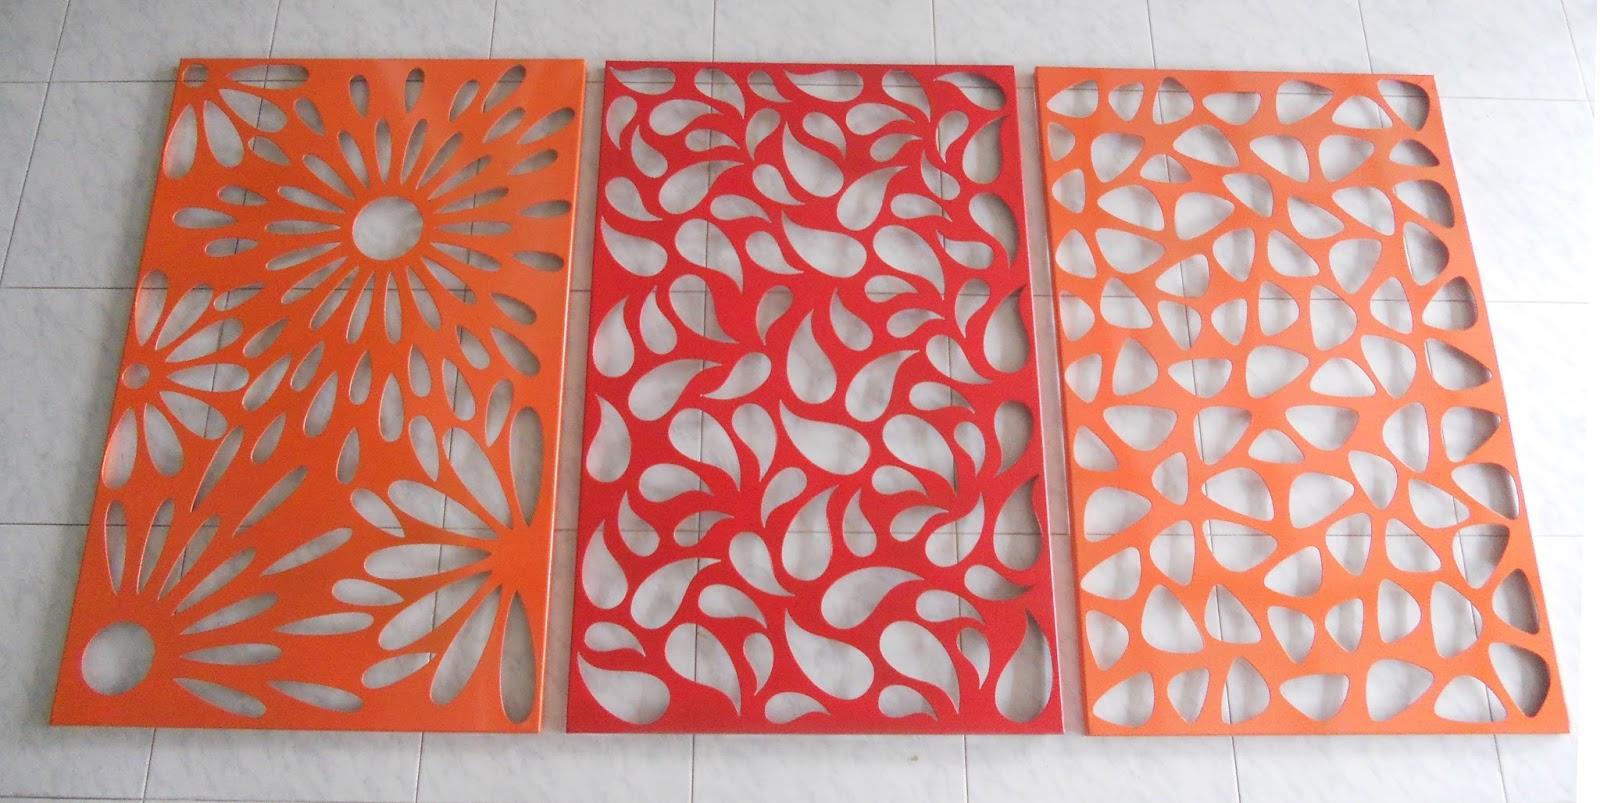 Delgo paneles y avisos en lamina perforada delgo - Lamina de hierro ...